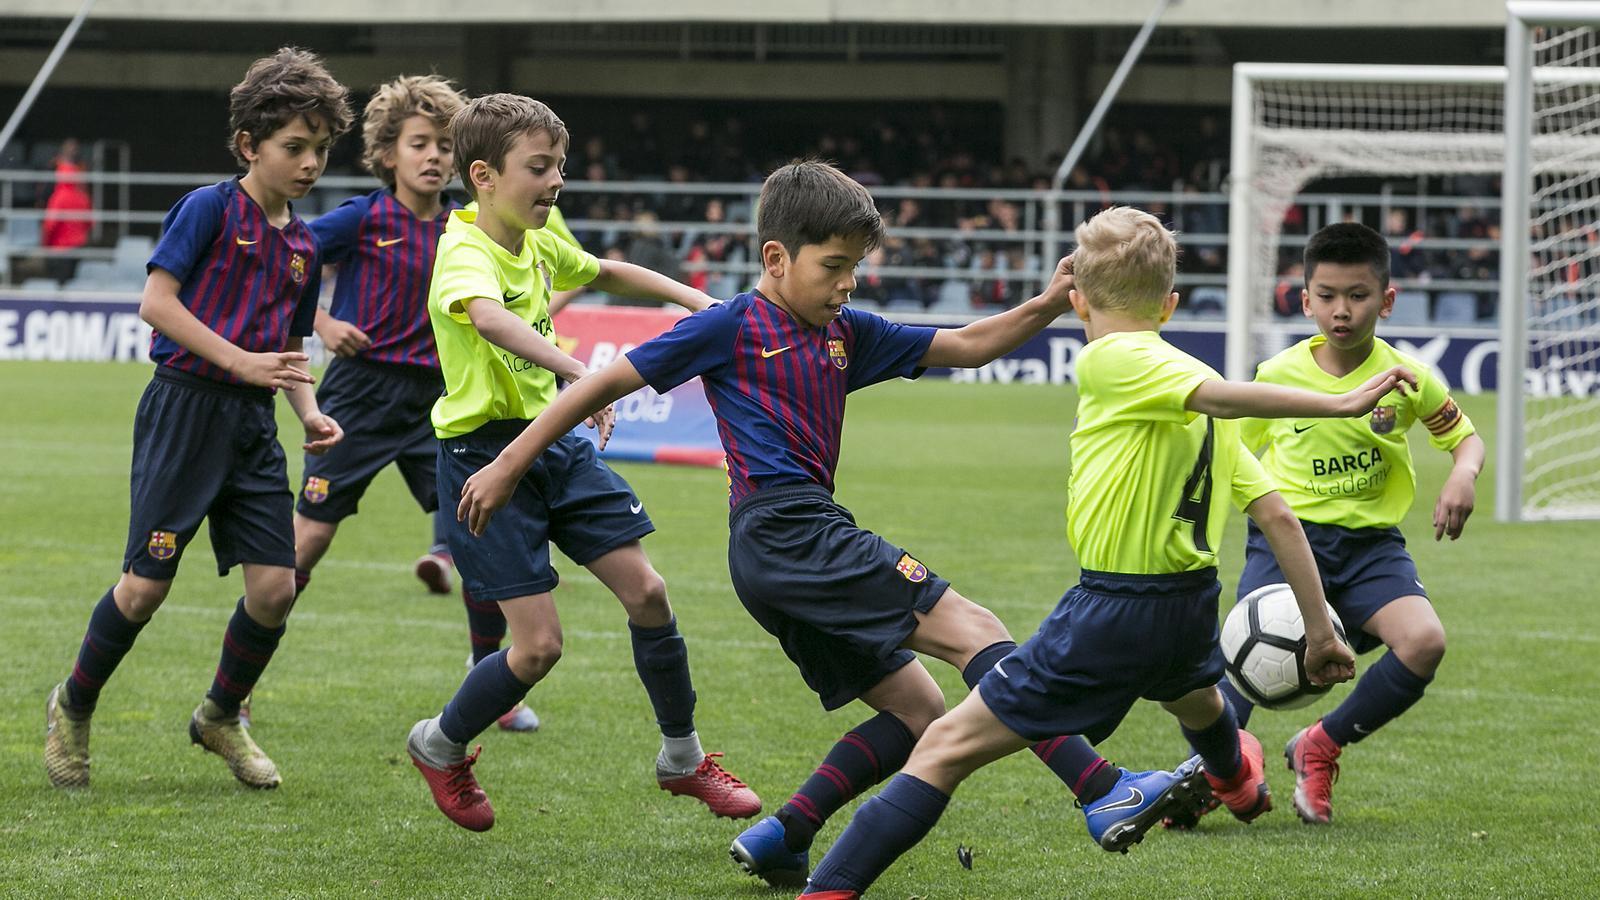 Una imatge d'arxiu de la Barça Academy World Cup